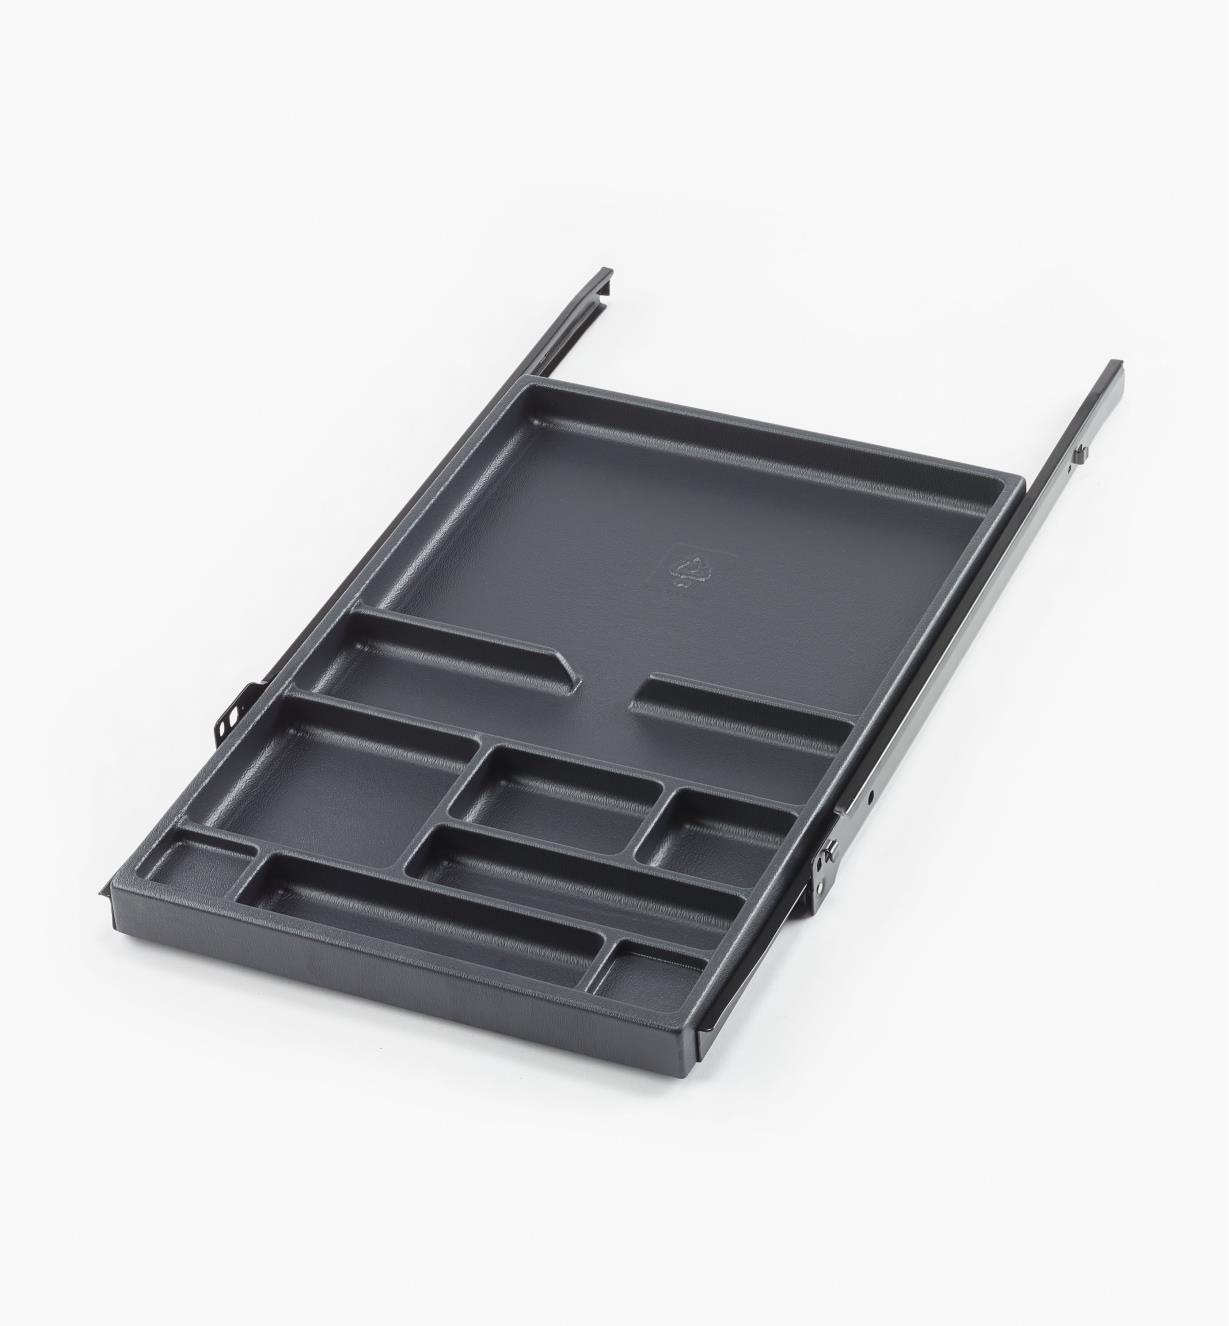 """02K1150 - 12 9/16"""" x 19 11/16"""" Pencil Tray"""